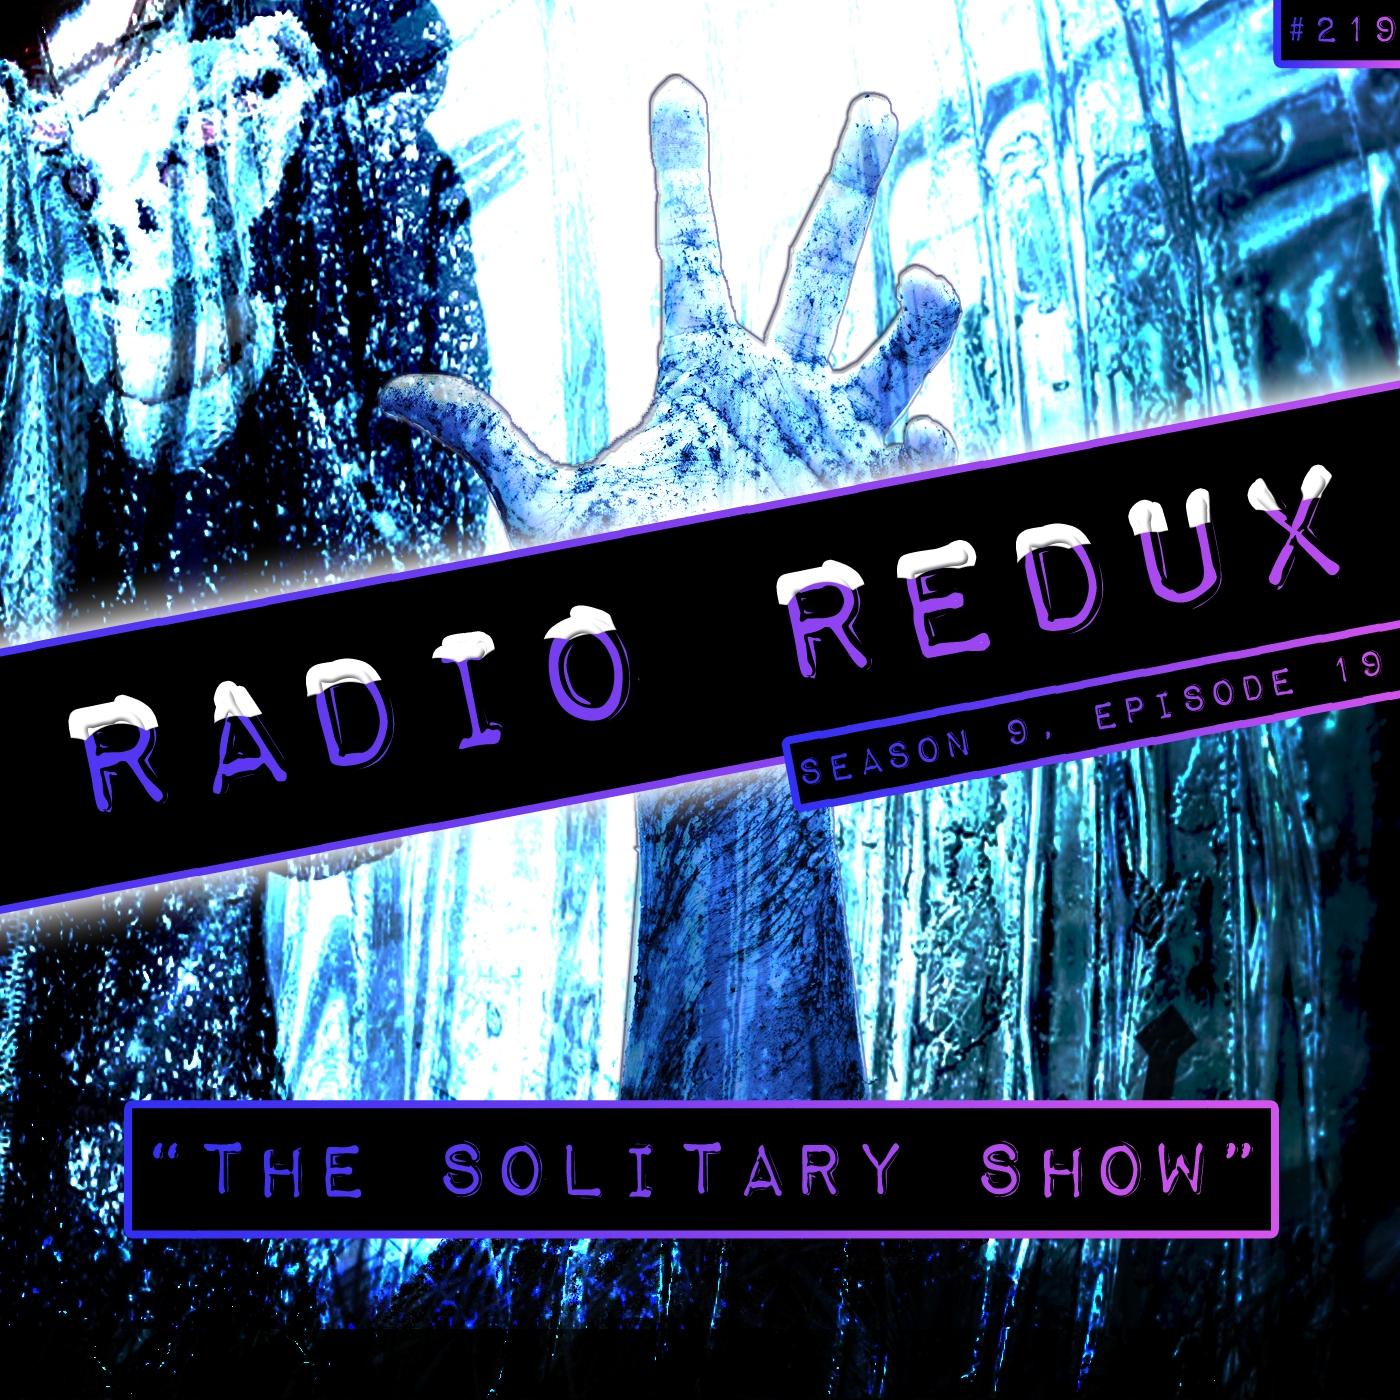 Radio Redux - 219 (S9, EP19)